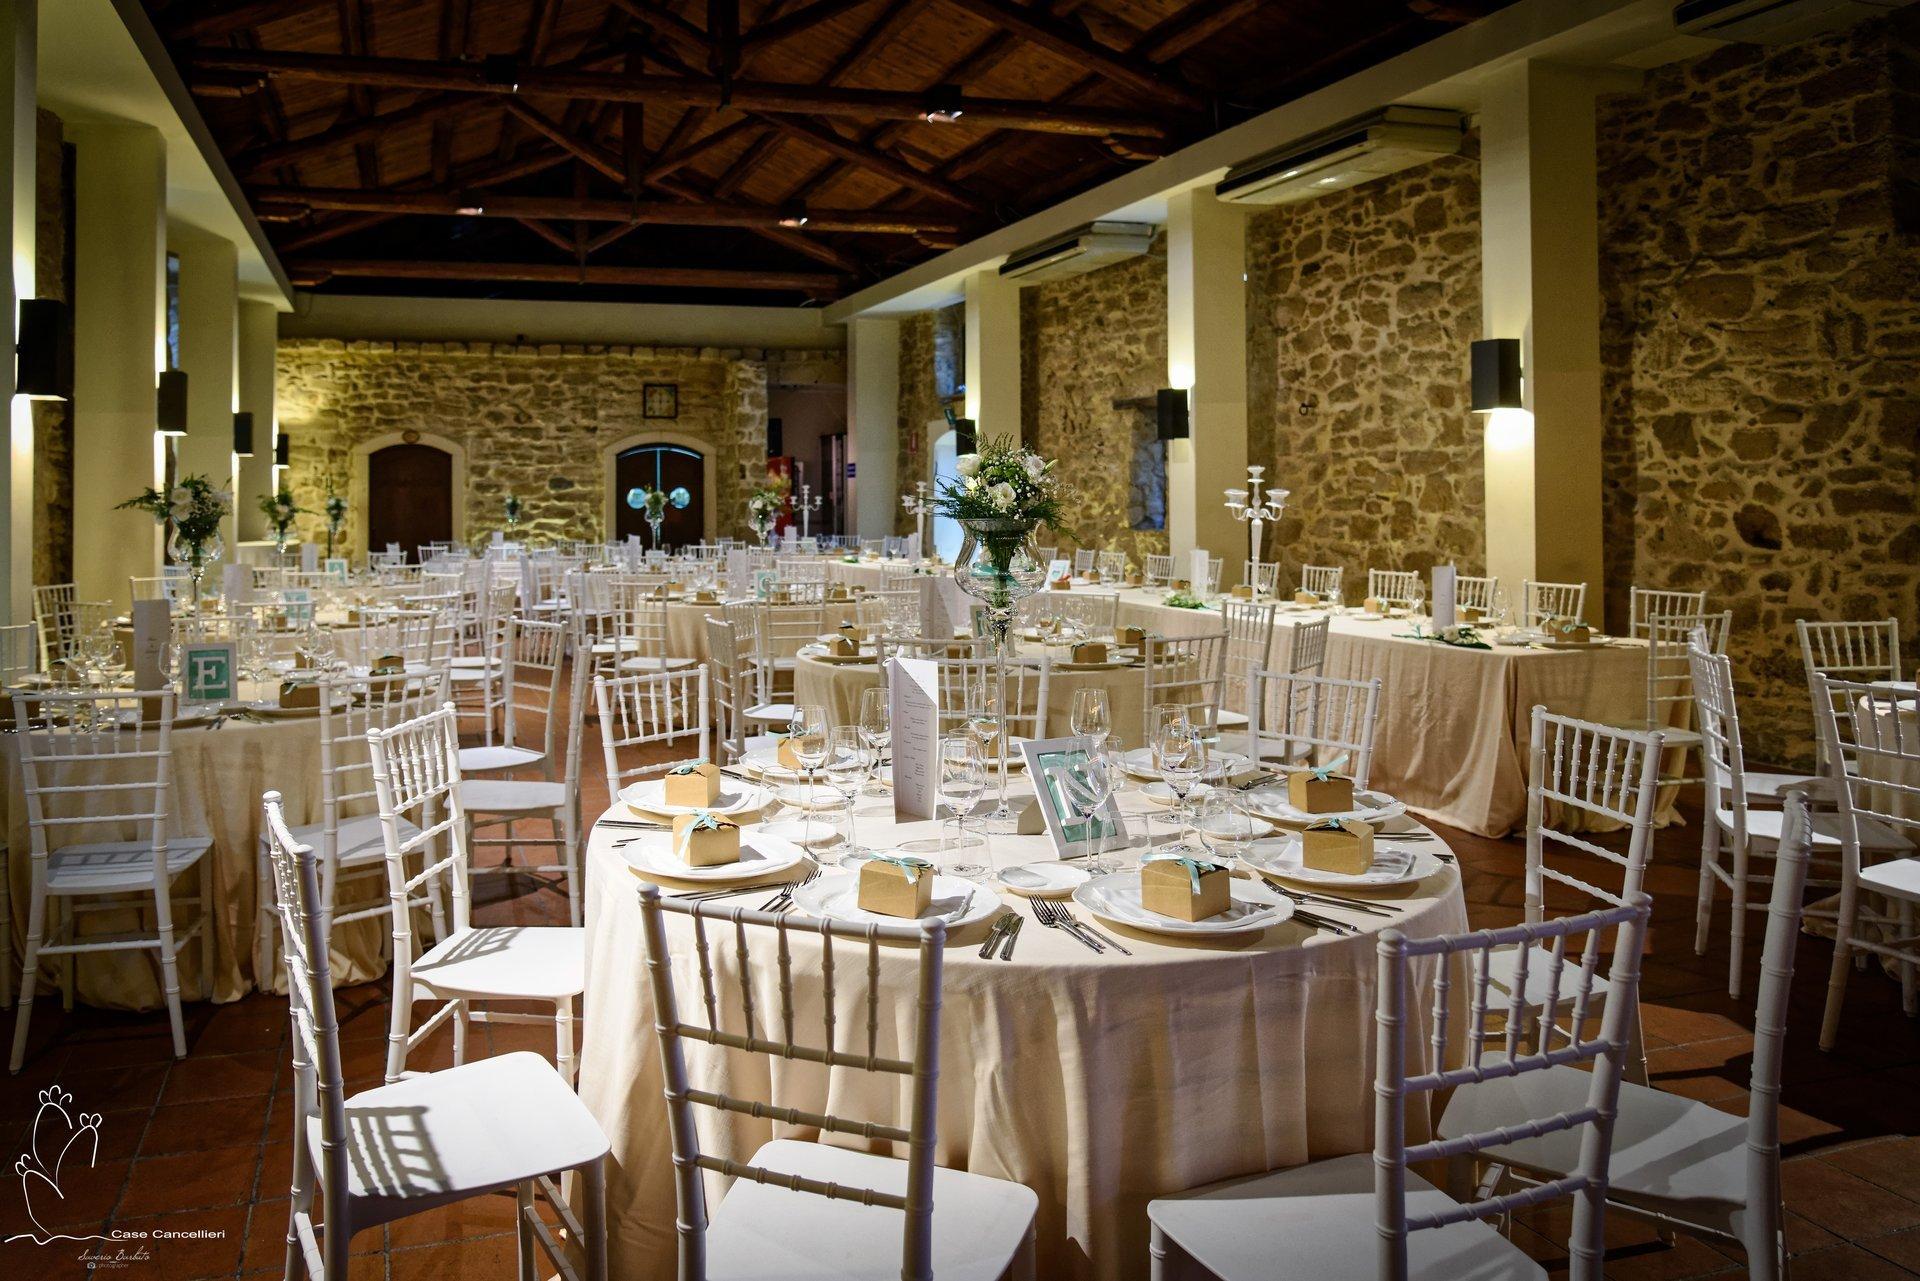 Tavoli apparecchiati per cerimonia elegante